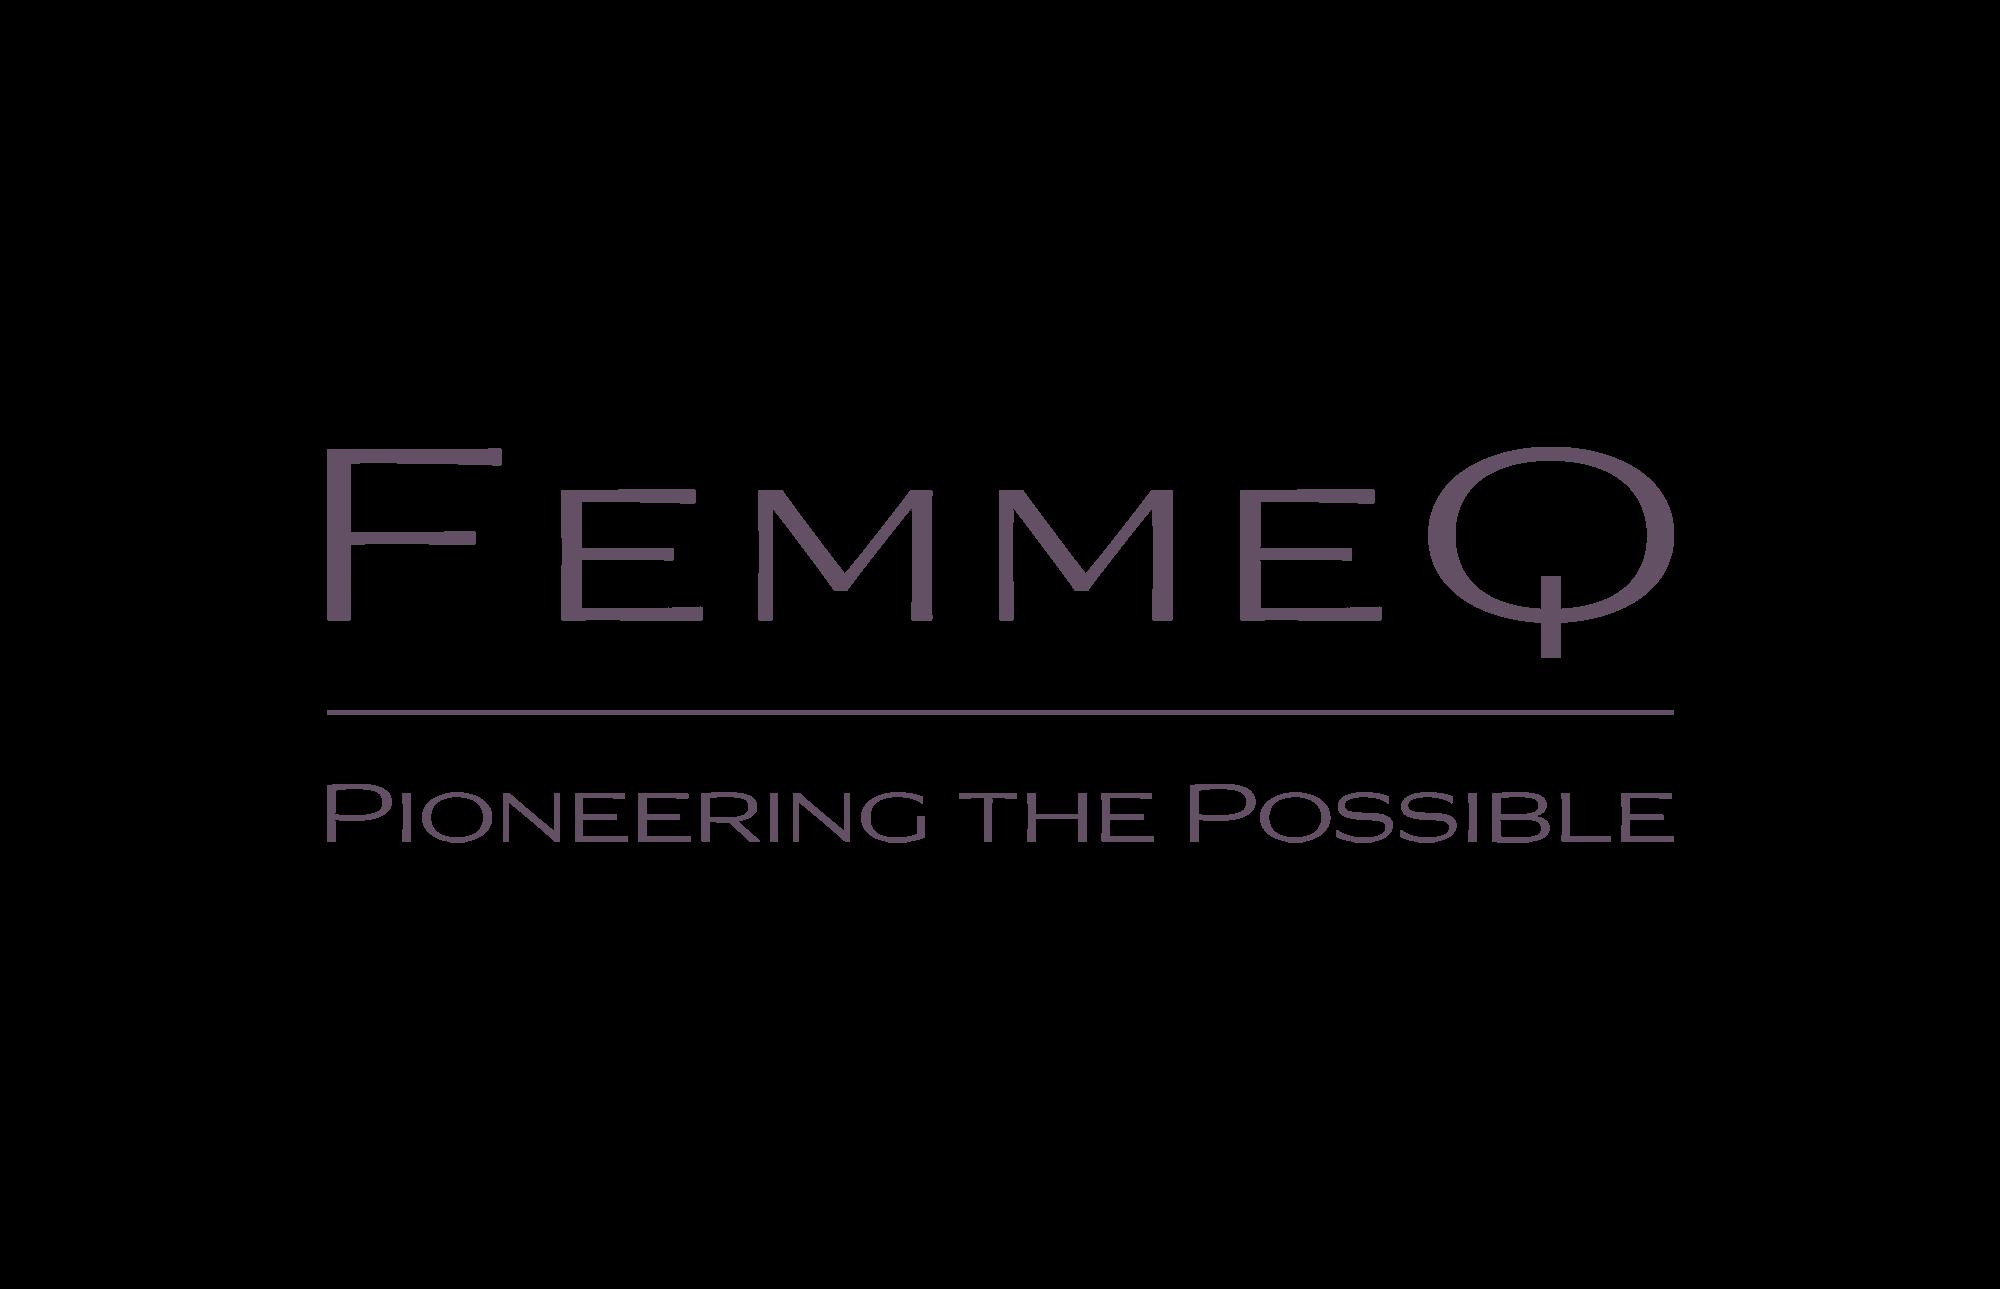 femmeq-logo-big2.png